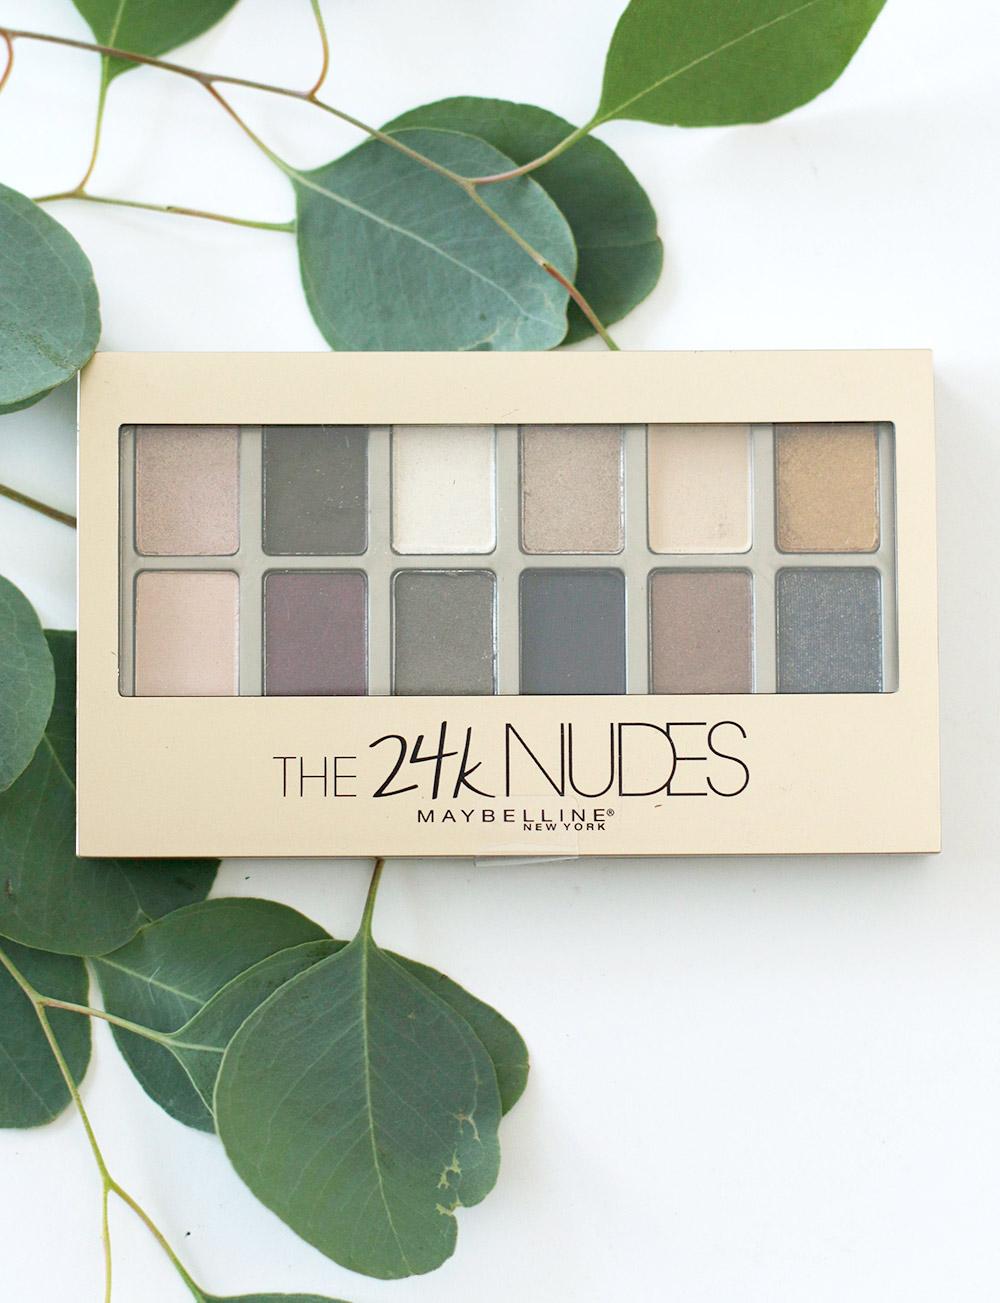 maybelline-spring-2017-24k-nudes-palette